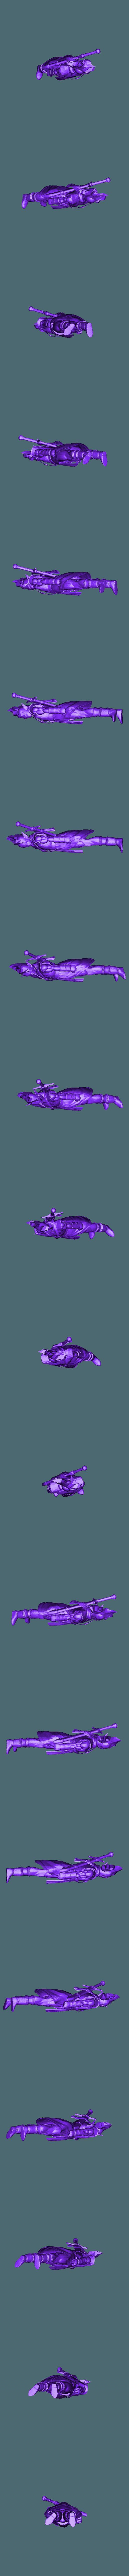 Tapion.obj Download free OBJ file Tapion de dragon ball z • 3D printer object, tititeo12